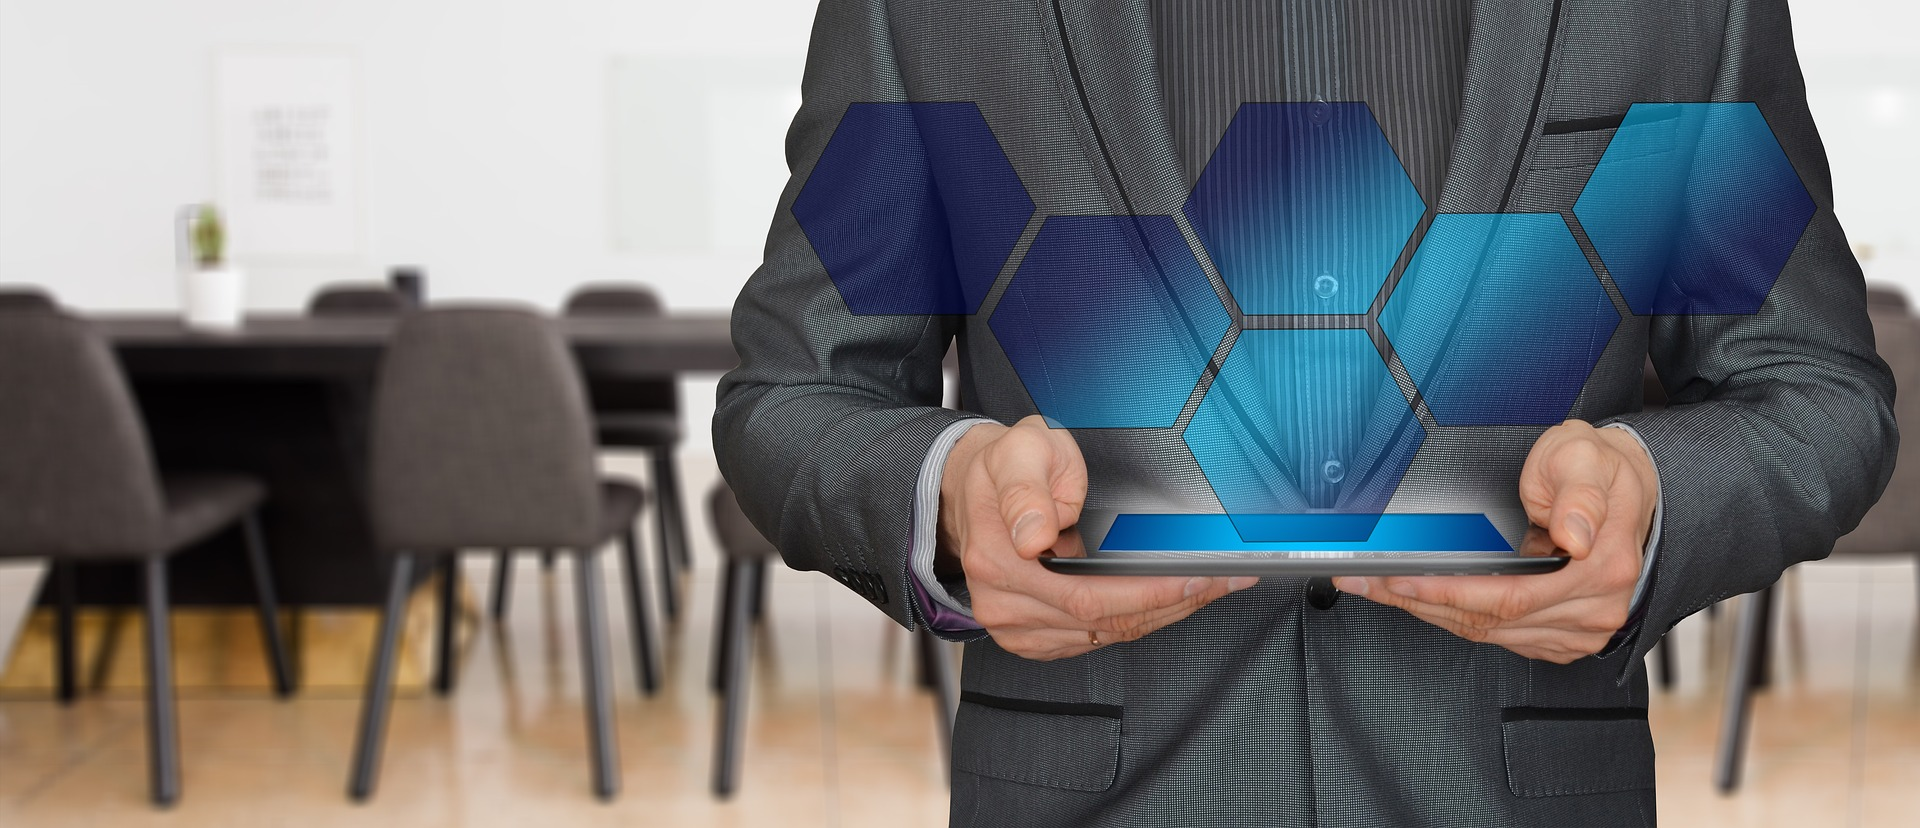 Inovação tecnológica traz eficiência e credibilidade